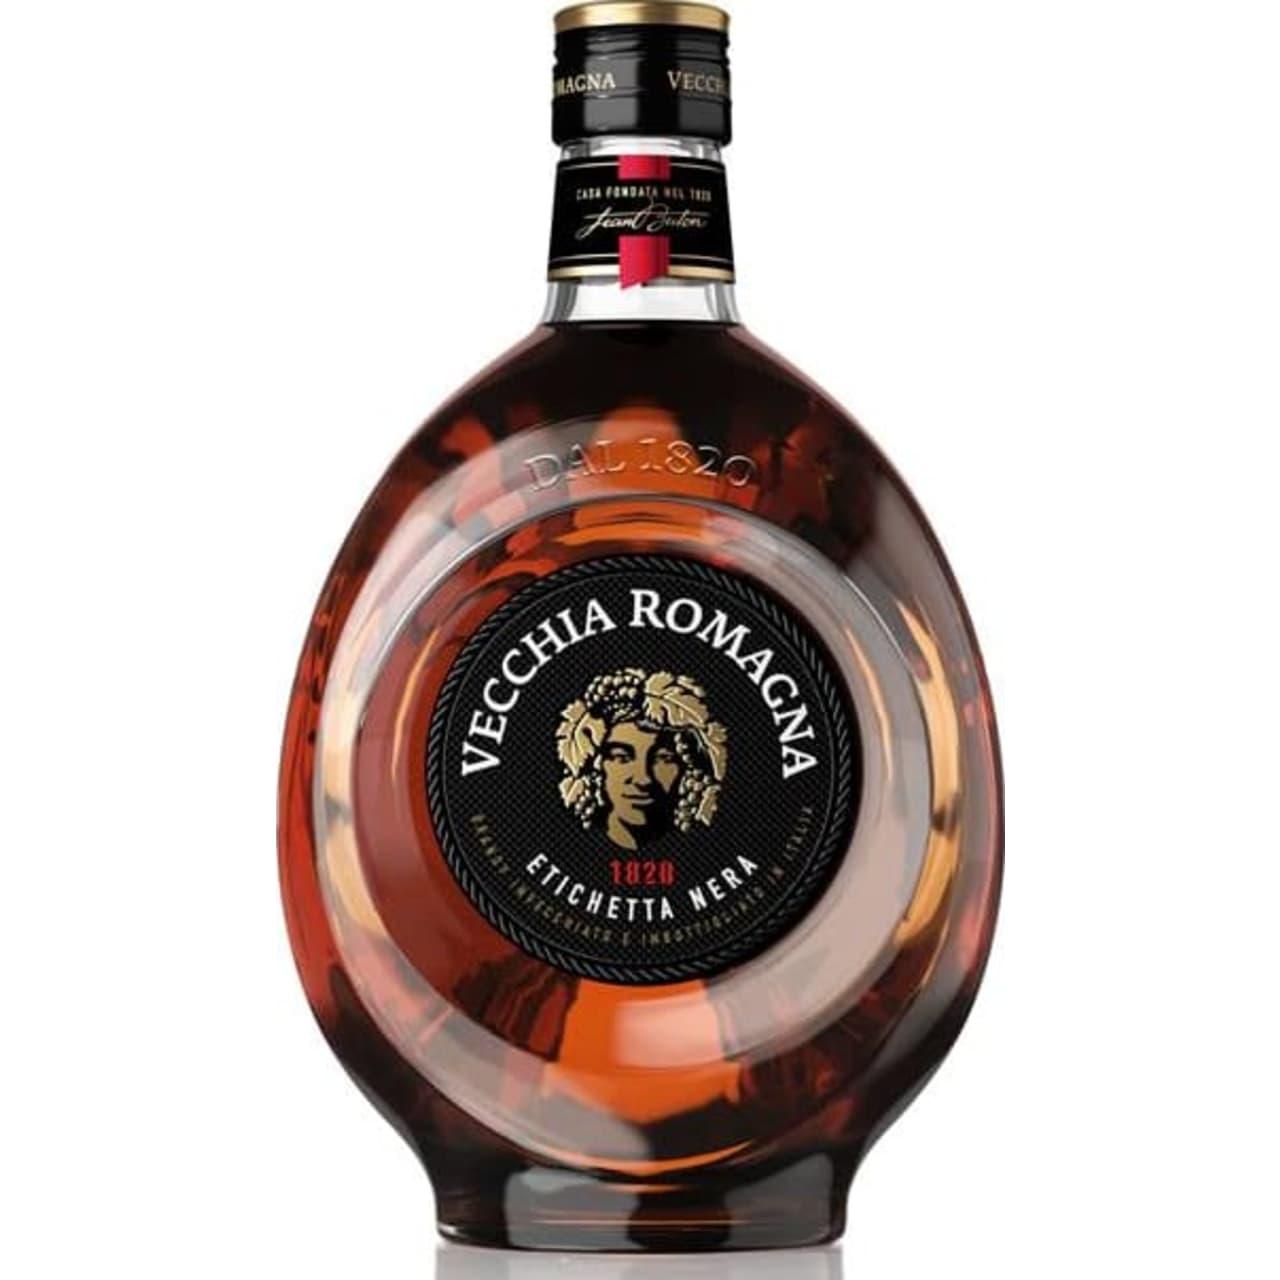 Product Image - Vecchia Romagna Etichetta Nera Brandy